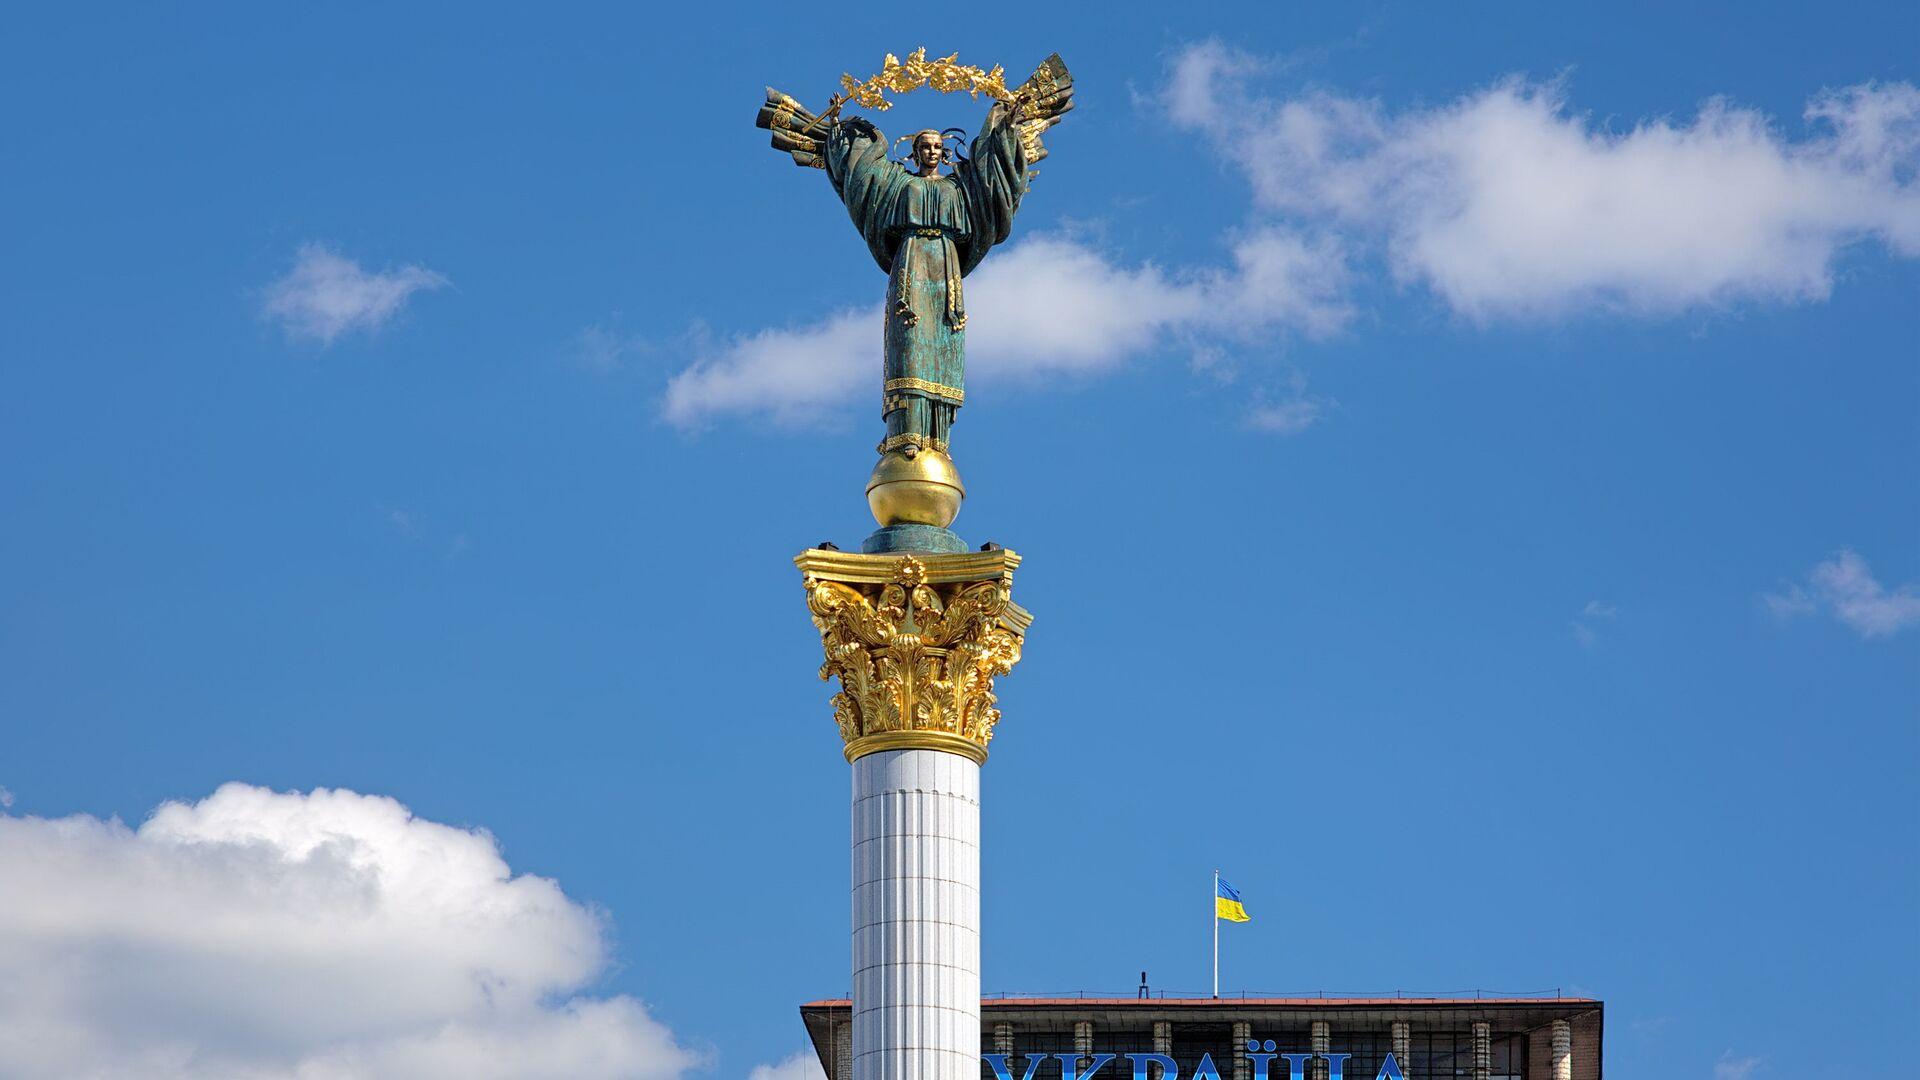 Kyjev - Sputnik Česká republika, 1920, 09.10.2021